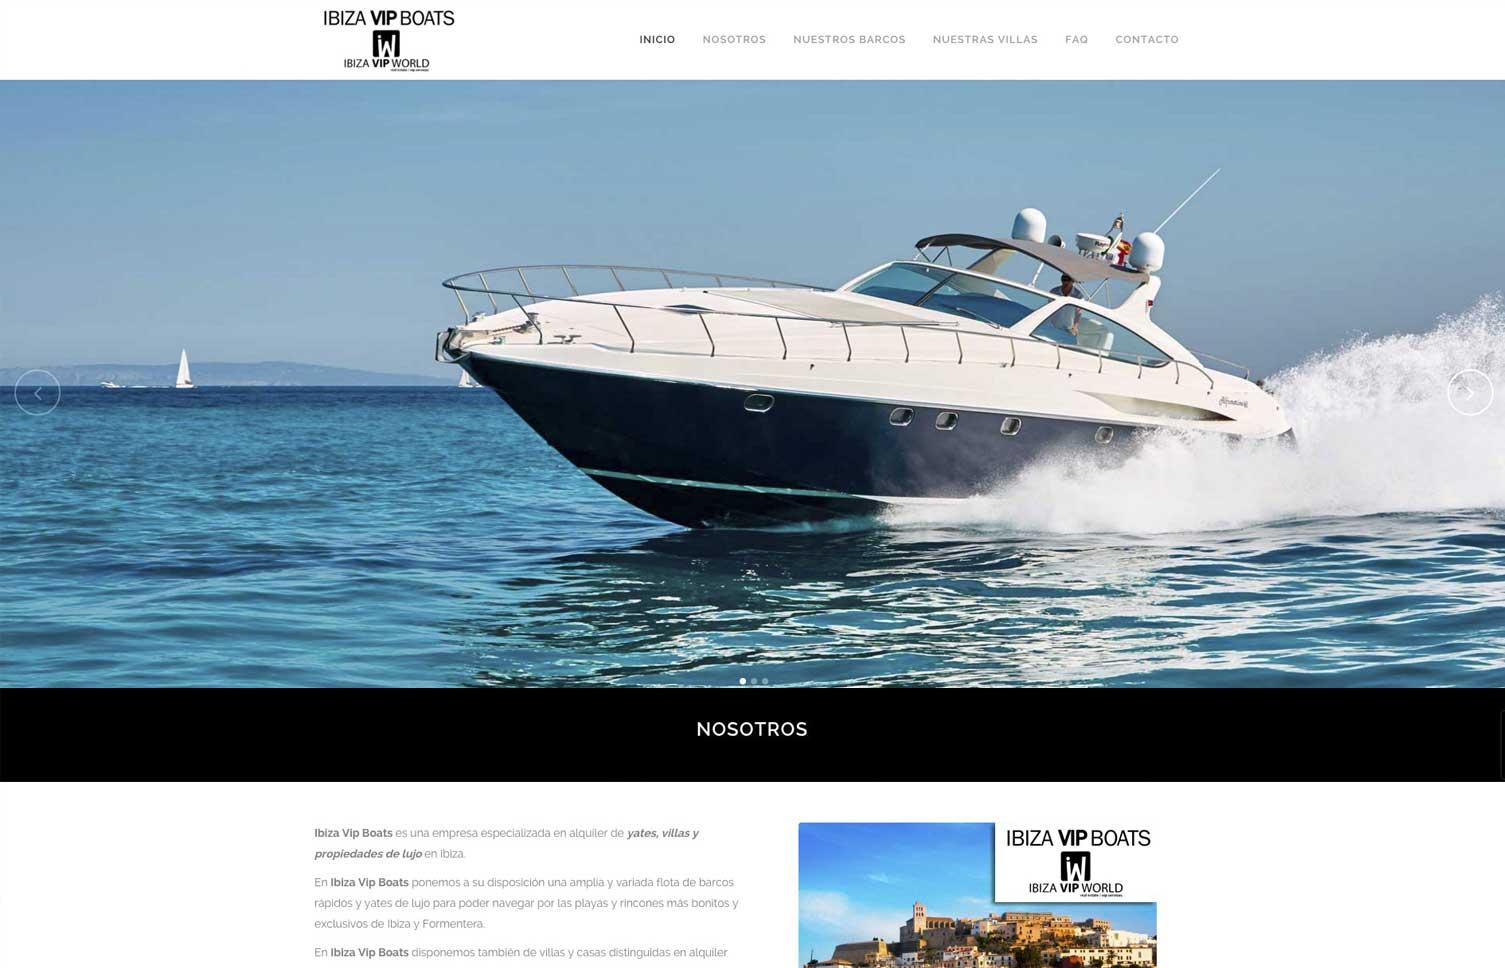 Ibiza Vip Boats